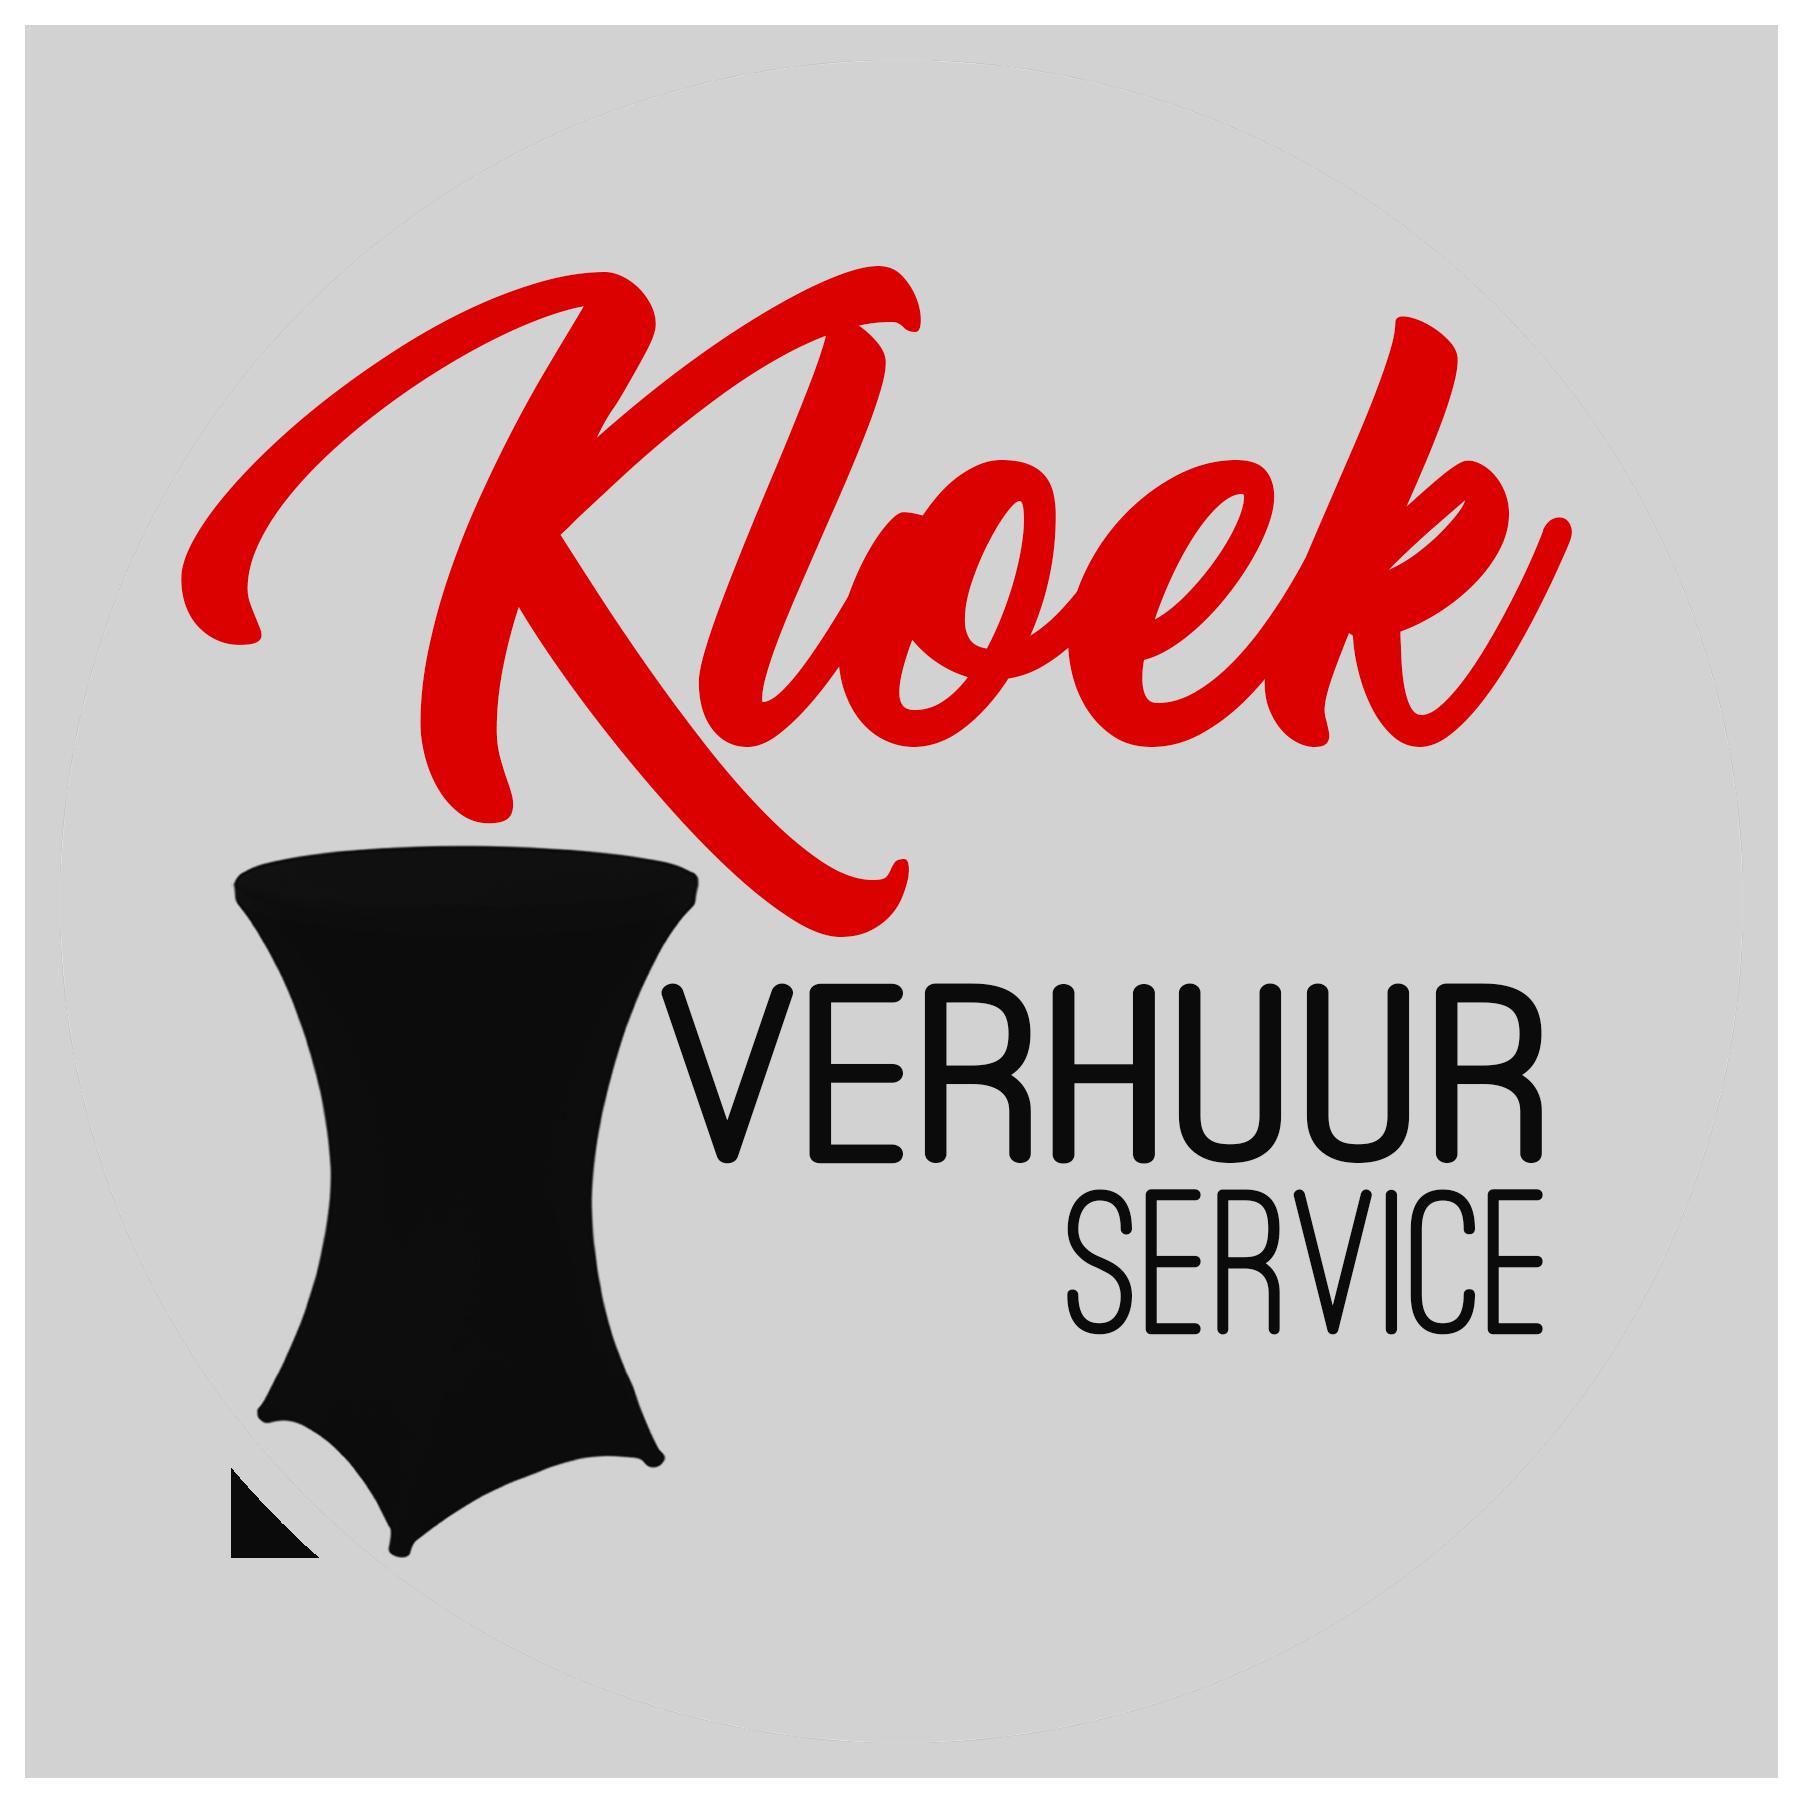 Kloek Verhuur Service